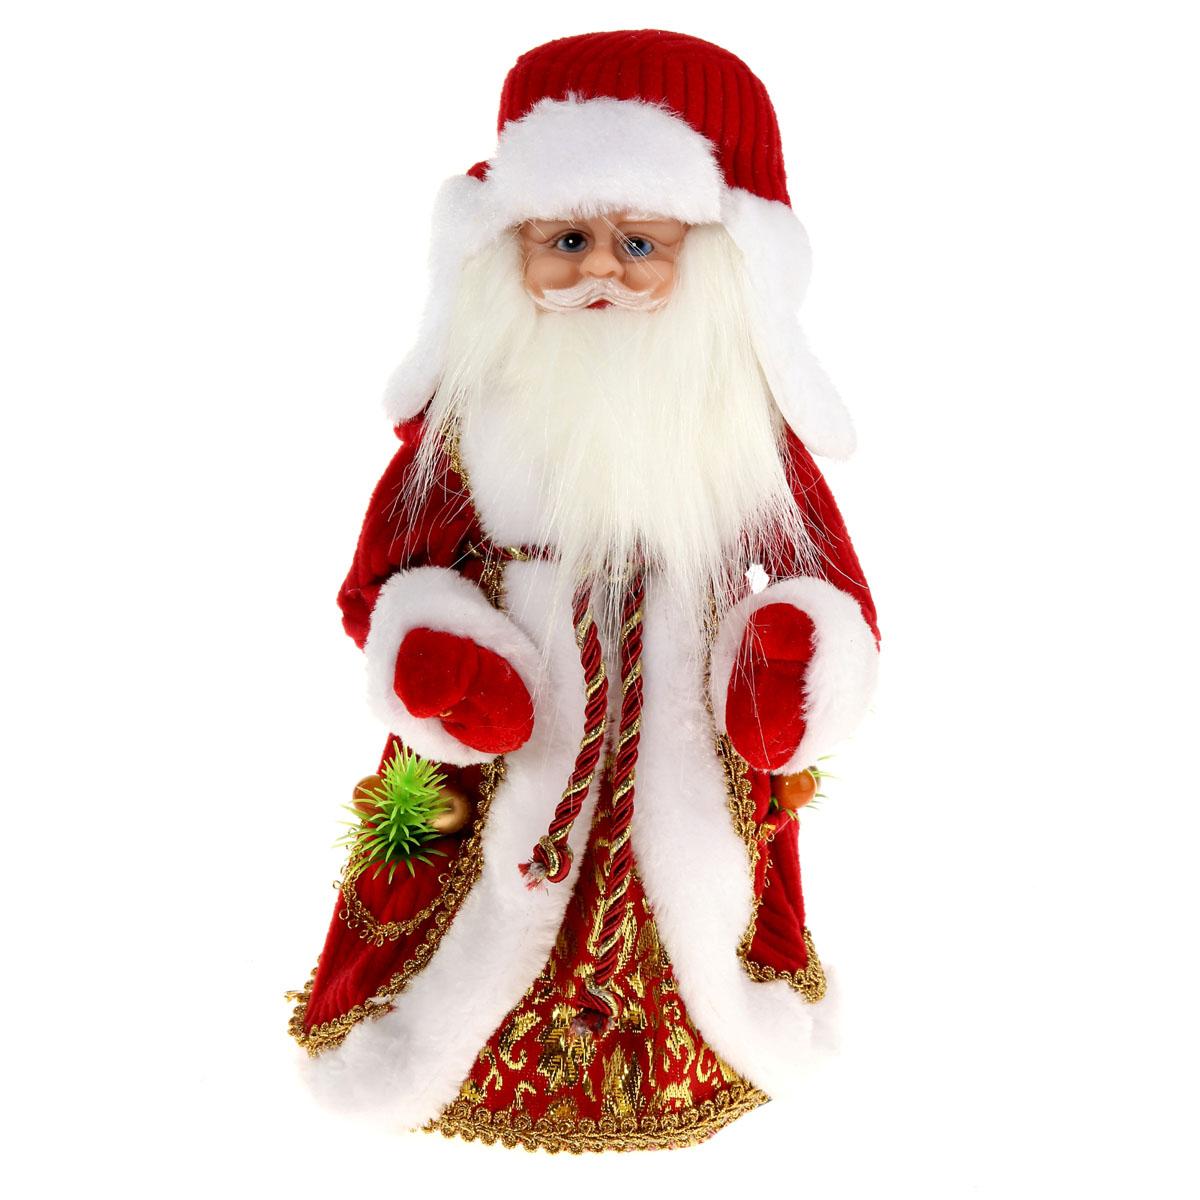 Новогодняя декоративная фигурка Sima-land Дед Мороз, анимированная, высота 30 см. 82784235030Новогодняя декоративная фигурка Sima-land выполнена из высококачественного пластика в виде Деда Мороза. Дед Мороз одет в шубу с капюшоном и опушкой, украшенную тесьмой и варежки. На голове шапка в цвет шубы. Игрушка стоит на пластиковой подставке. Особенностью фигурки является наличие механизма, при включении которого играет мелодия, а голова и руки куклы начинают двигаться. Его добрый вид и очаровательная улыбка притягивают к себе восторженные взгляды. Декоративная фигурка Дед Мороз подойдет для оформления новогоднего интерьера и принесет с собой атмосферу радости и веселья. УВАЖАЕМЫЕ КЛИЕНТЫ!Обращаем ваше внимание на тот факт, что декоративная фигурка работает от трех батареек типа АА напряжением 1,5В. Батарейки в комплект не входят.